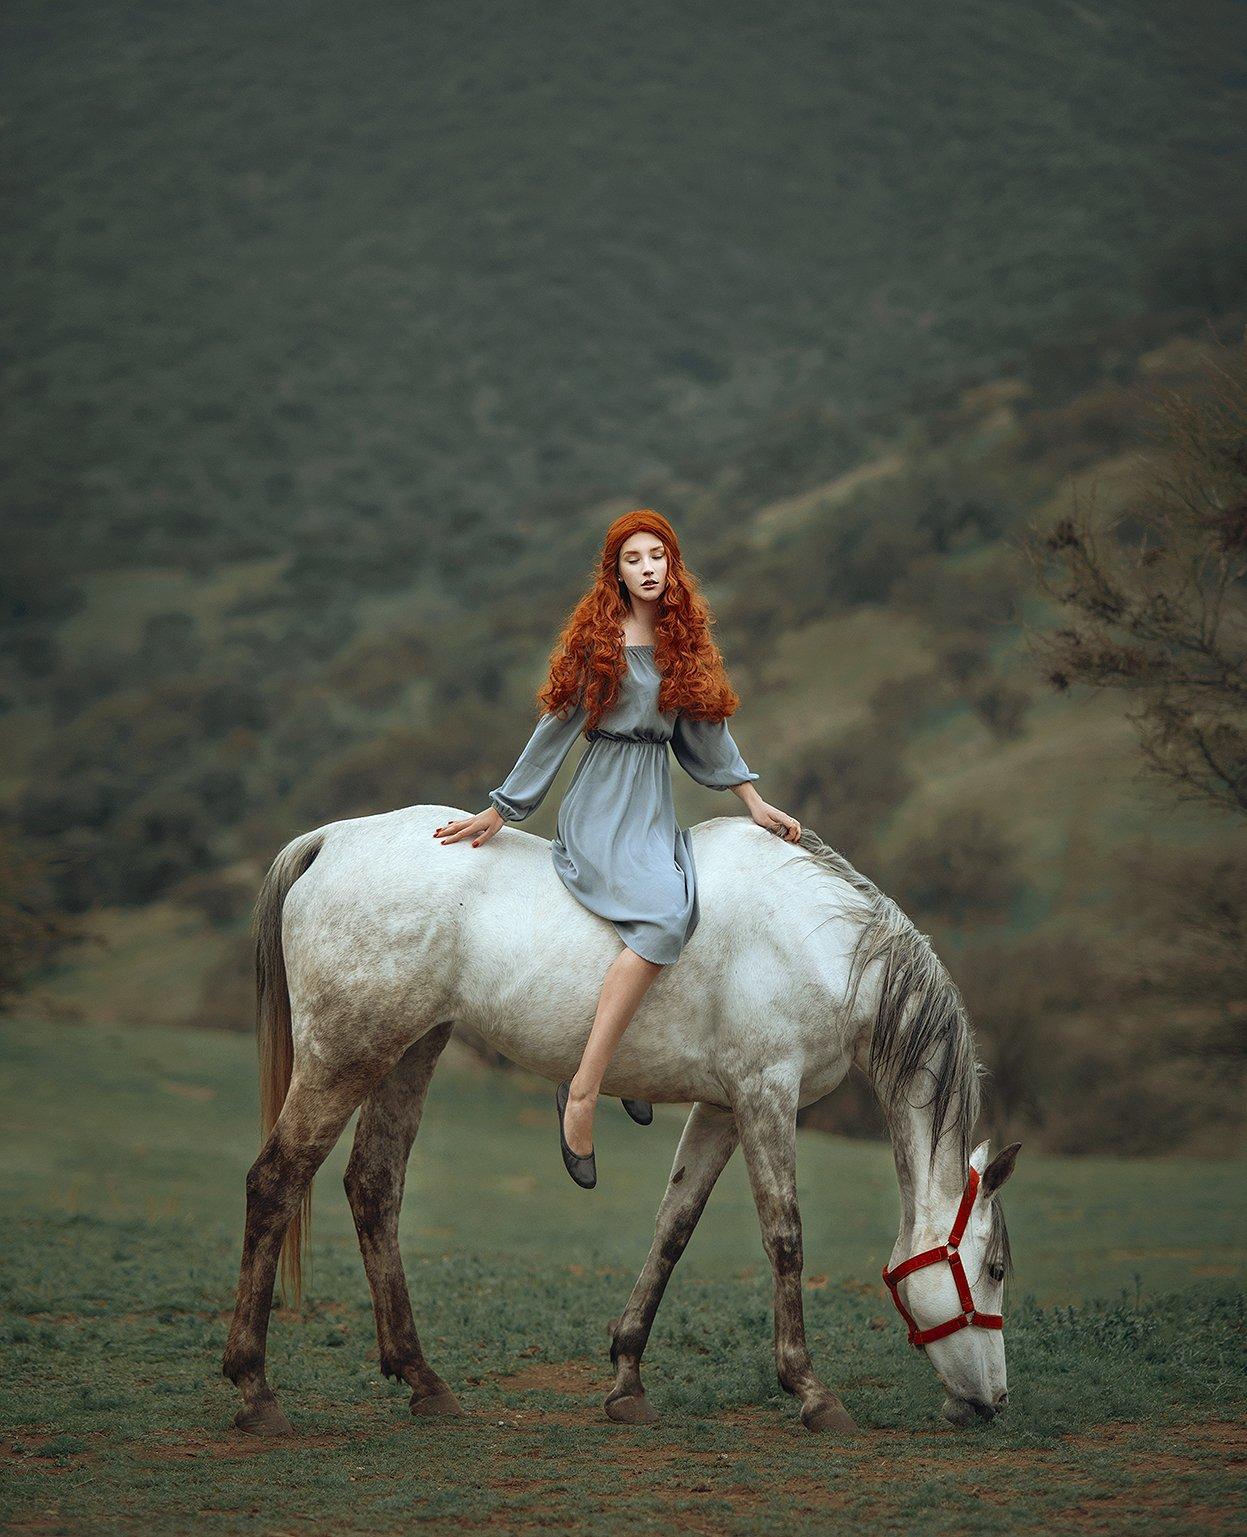 лошадь, рыжие волосы, девушка, Amina Donskaya